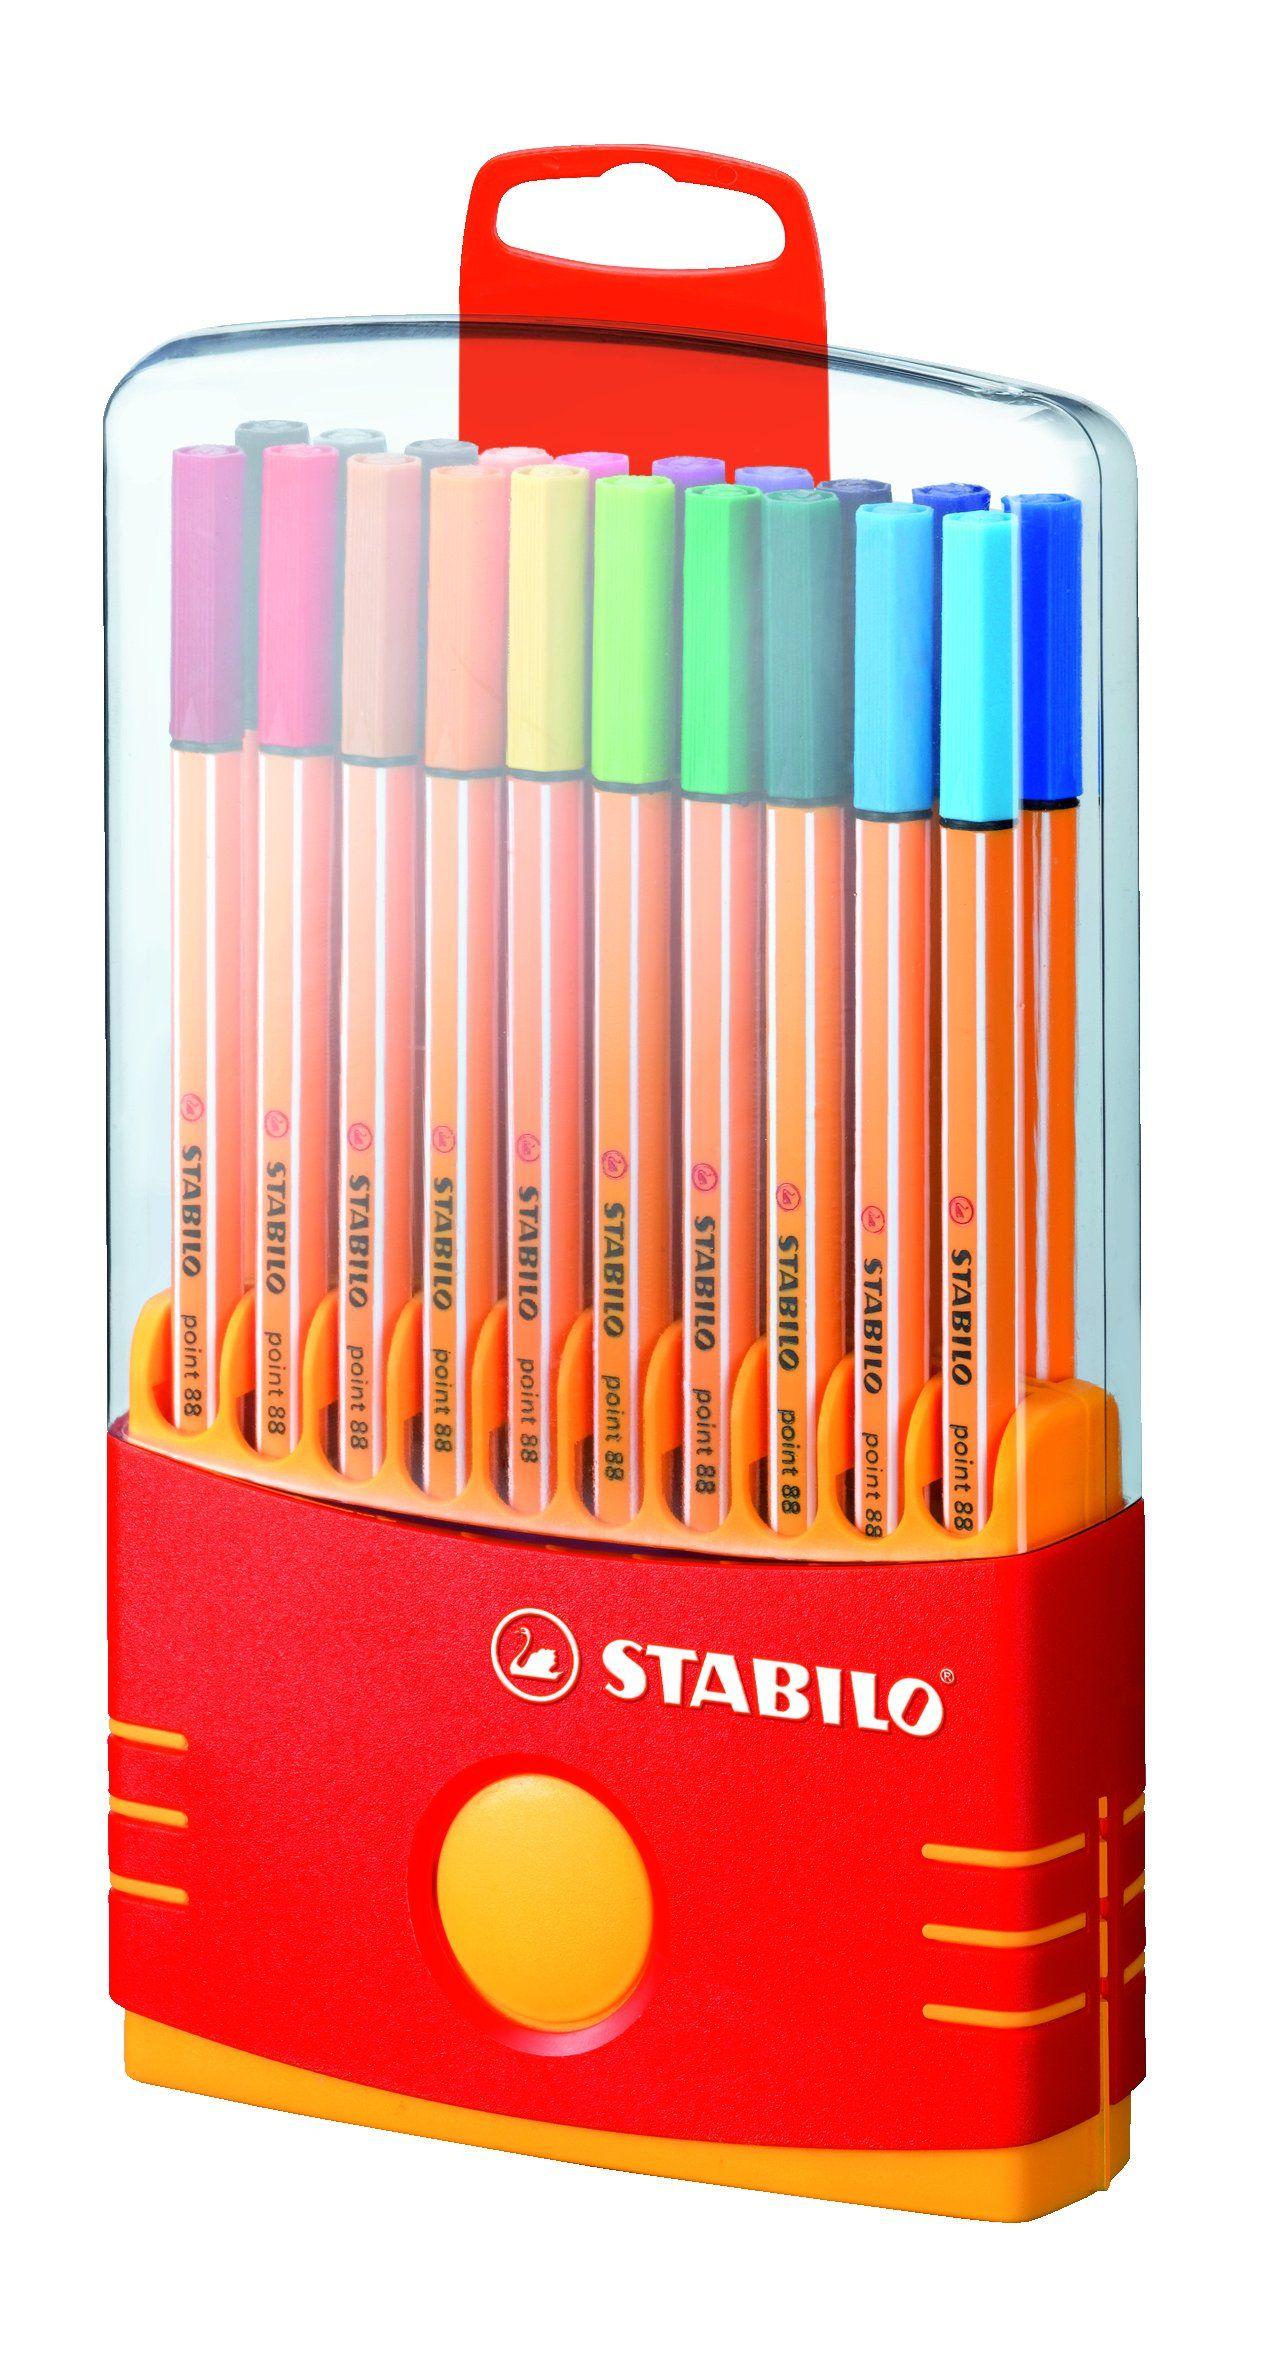 Stabilo Point 88 Colorparade Stylo Feutre Avec Attache Couleurs